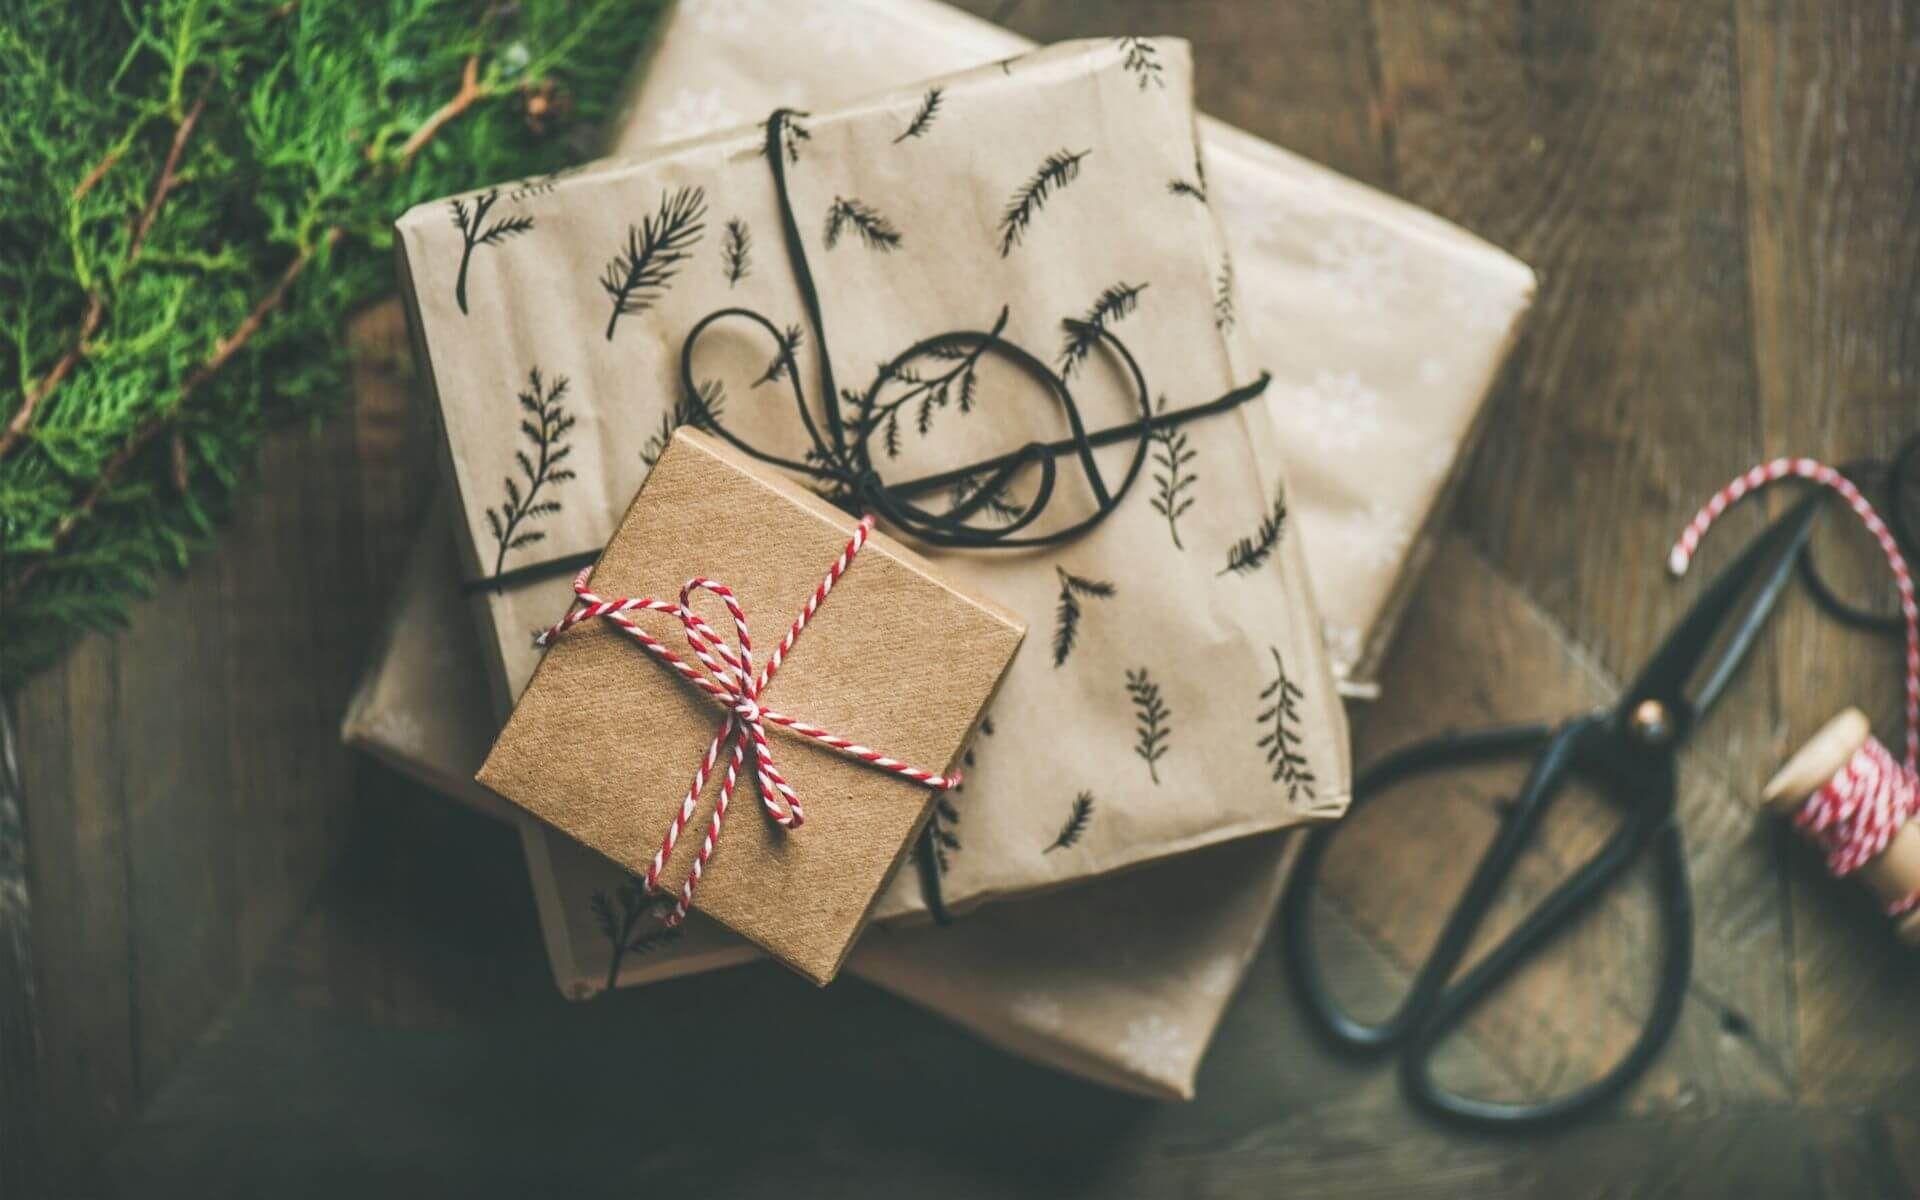 Partnergeschenke: Die besten Geschenke für deinen Partner